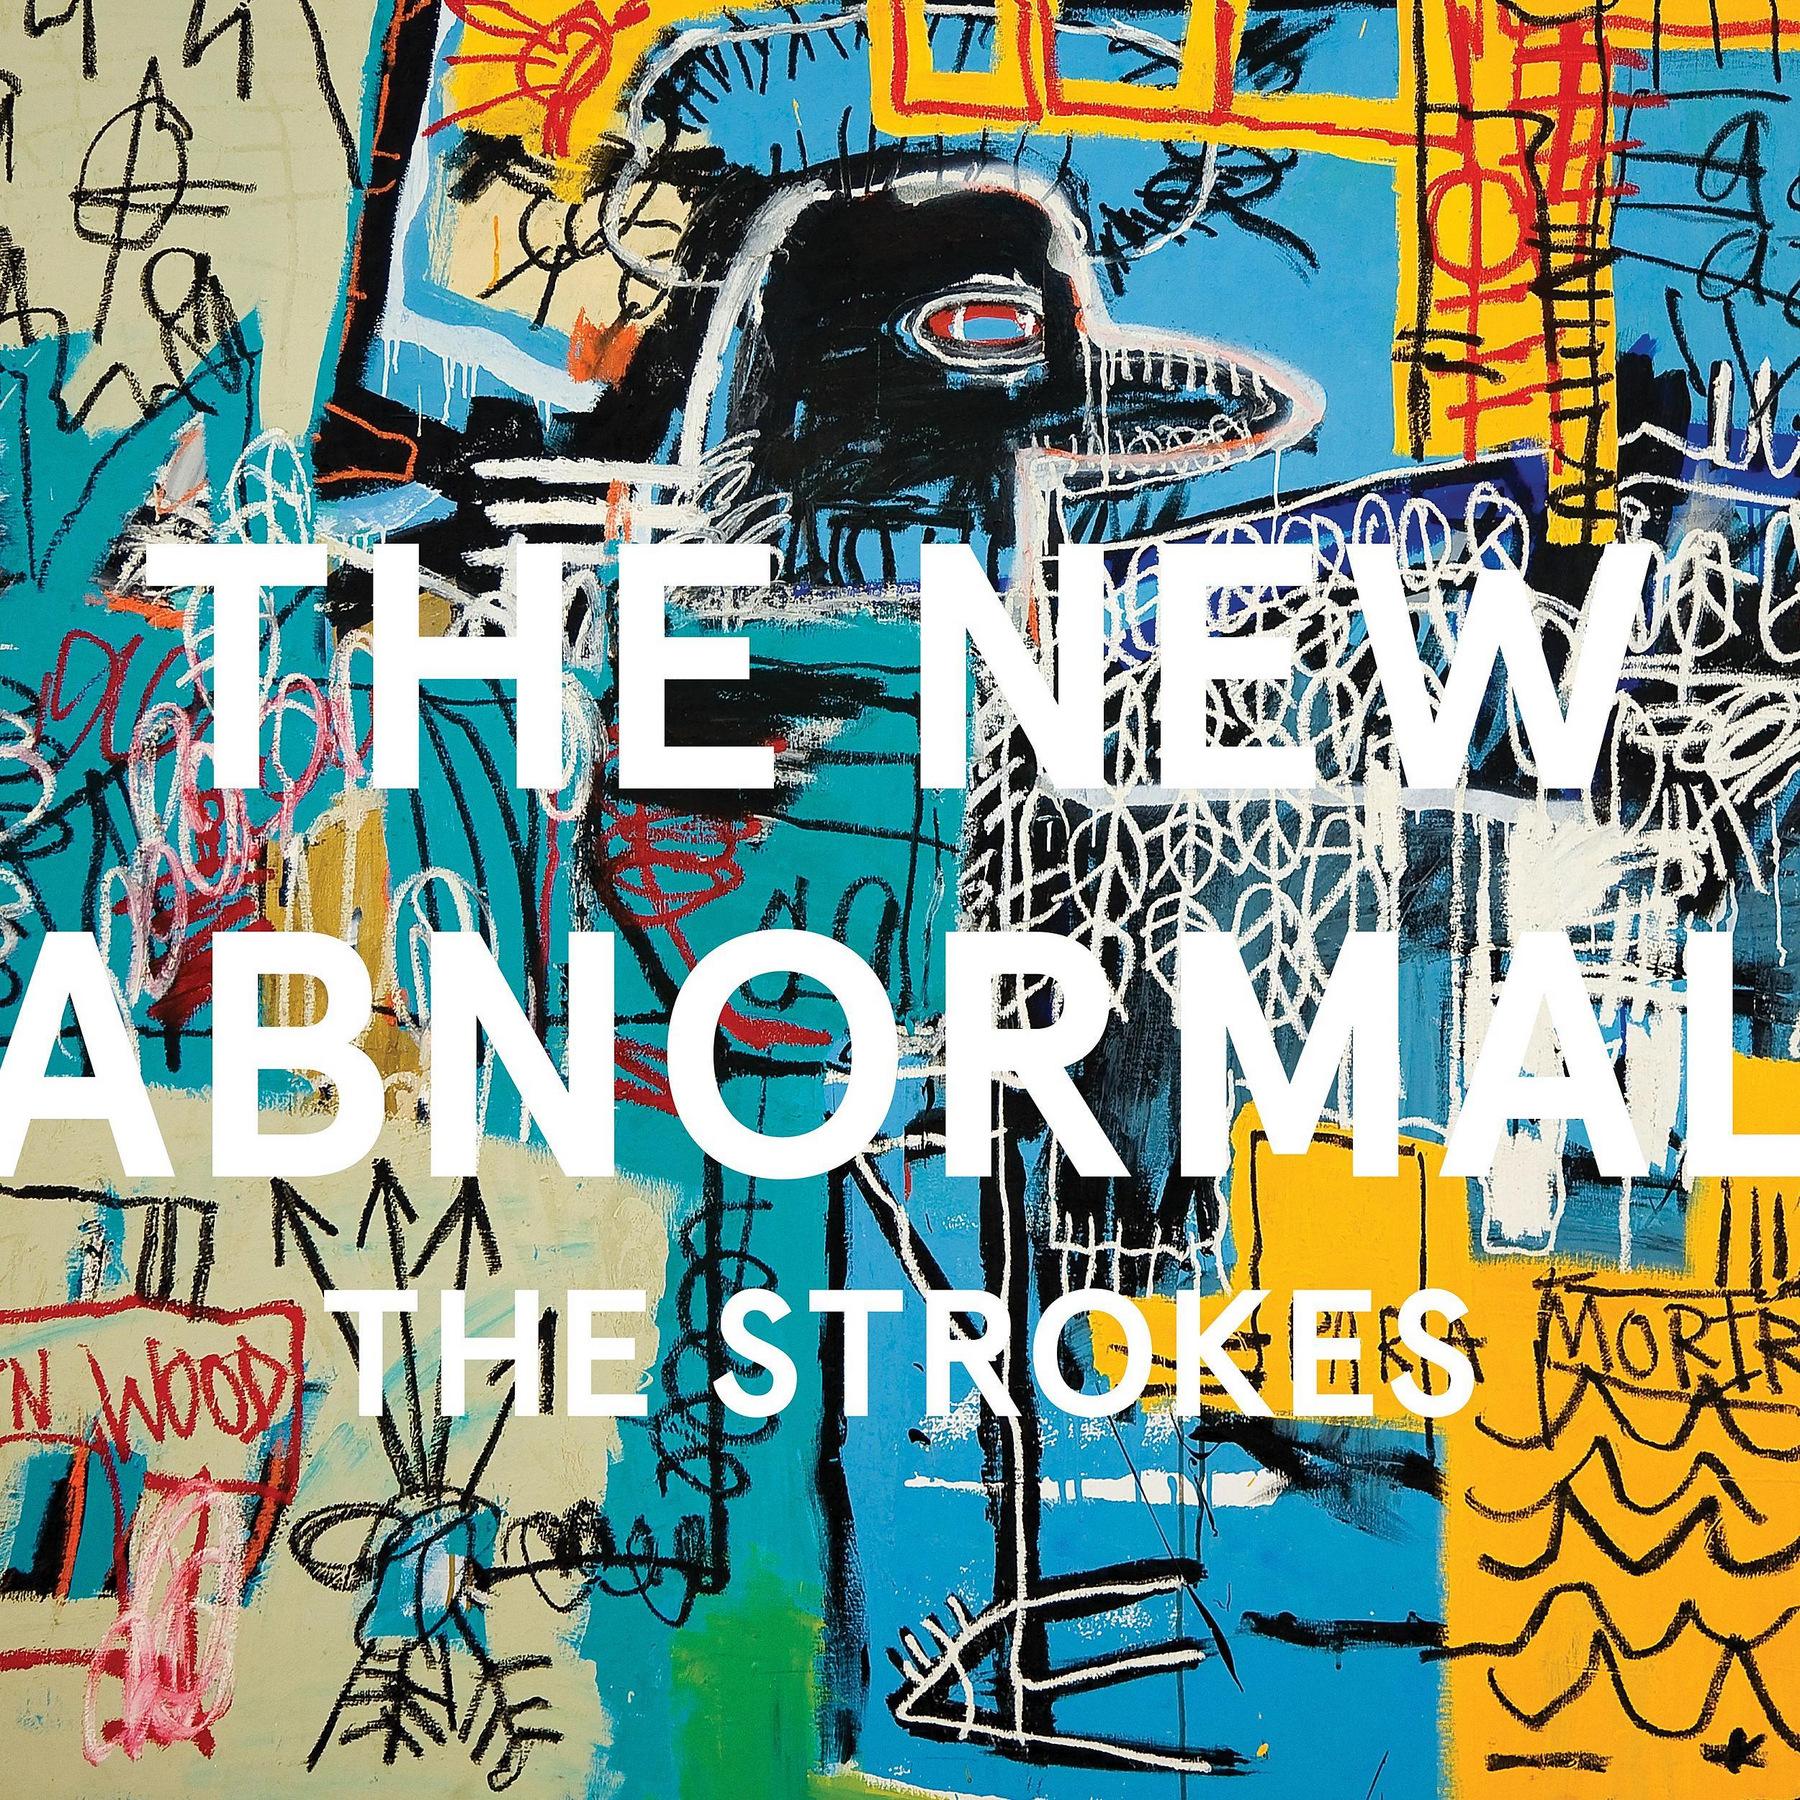 Виниловая пластинка THE STROKES - THE NEW ABNORMAL